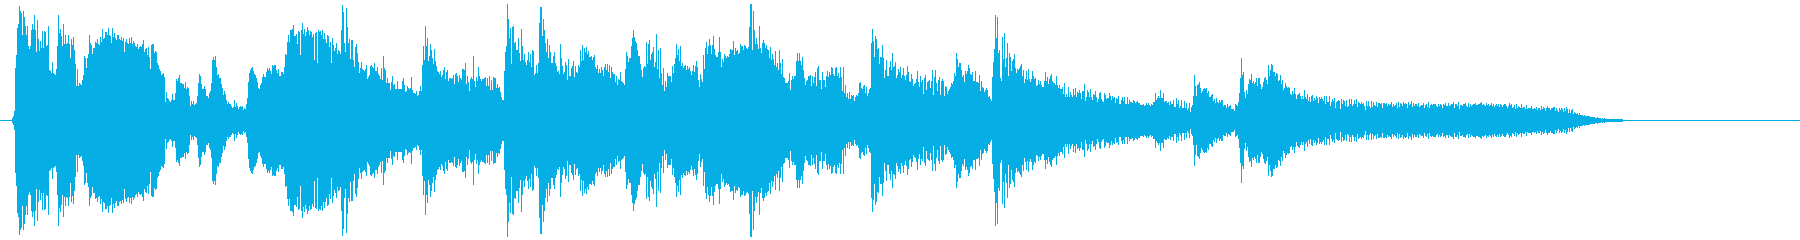 15秒CM向けの渋いサックスバラードの再生済みの波形